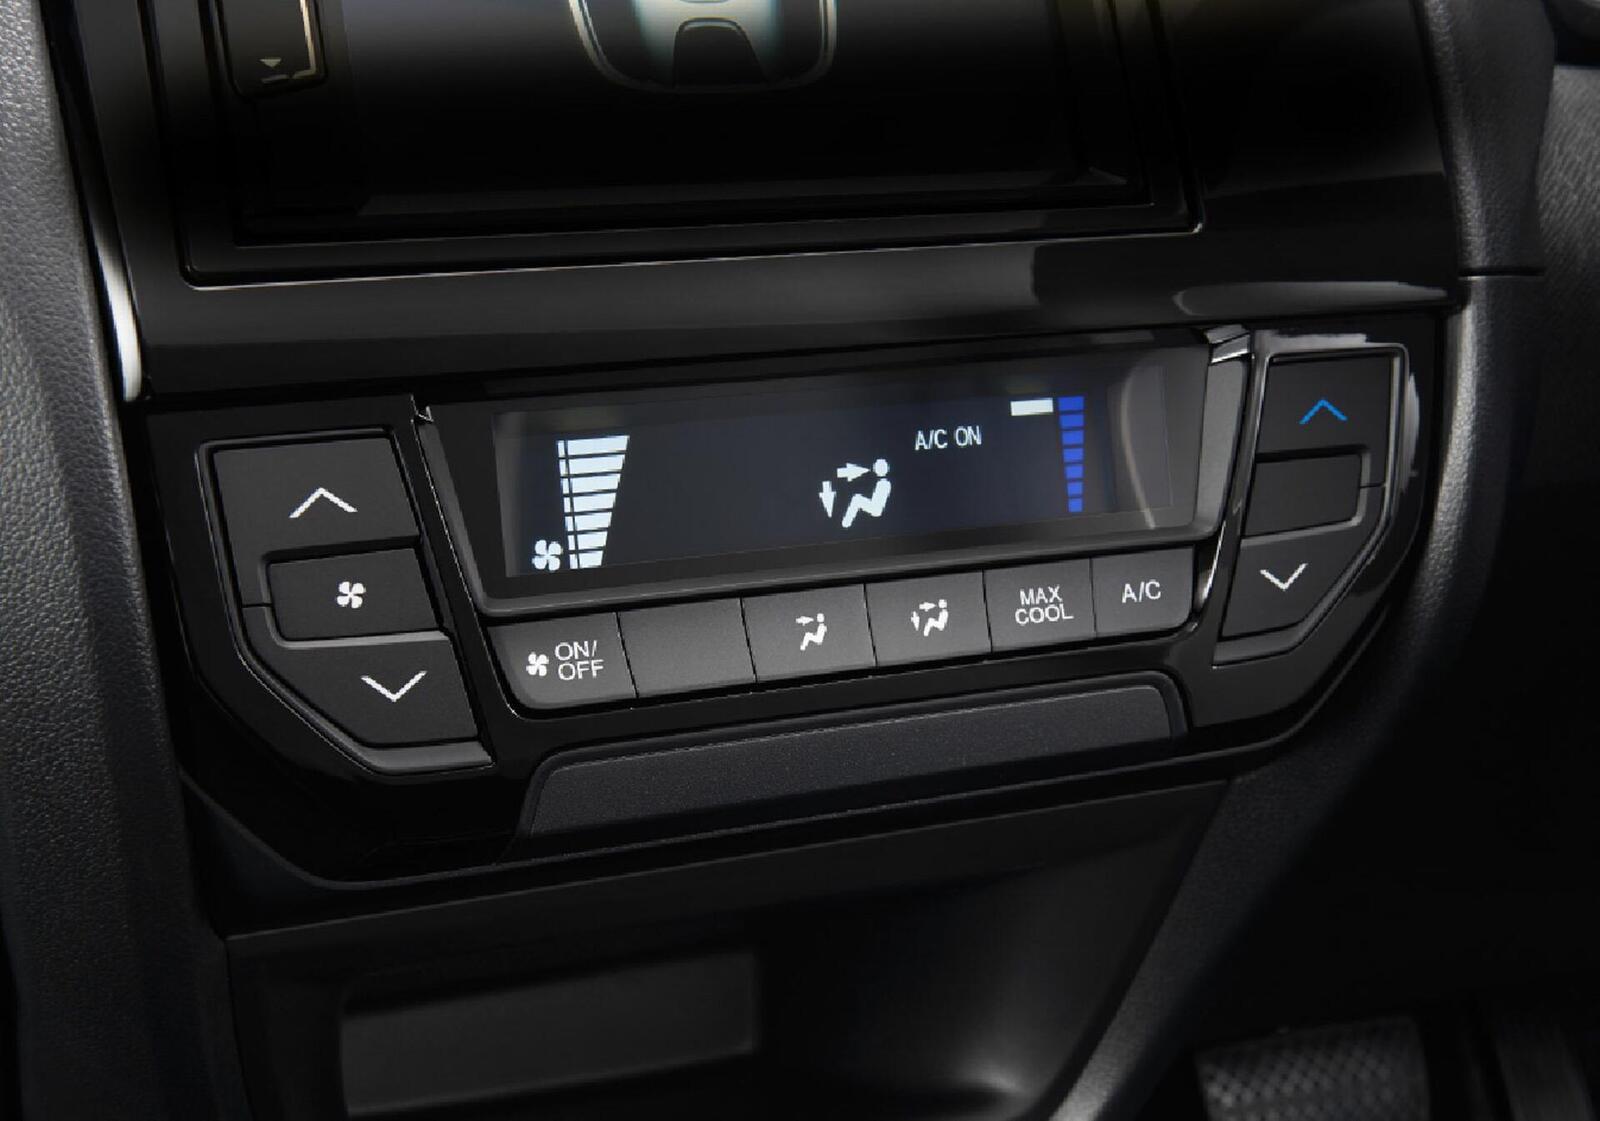 Dự đoán 3 phiên bản Honda Brio sắp ra mắt vào ngày 18.06 sắp tới - Hình 3